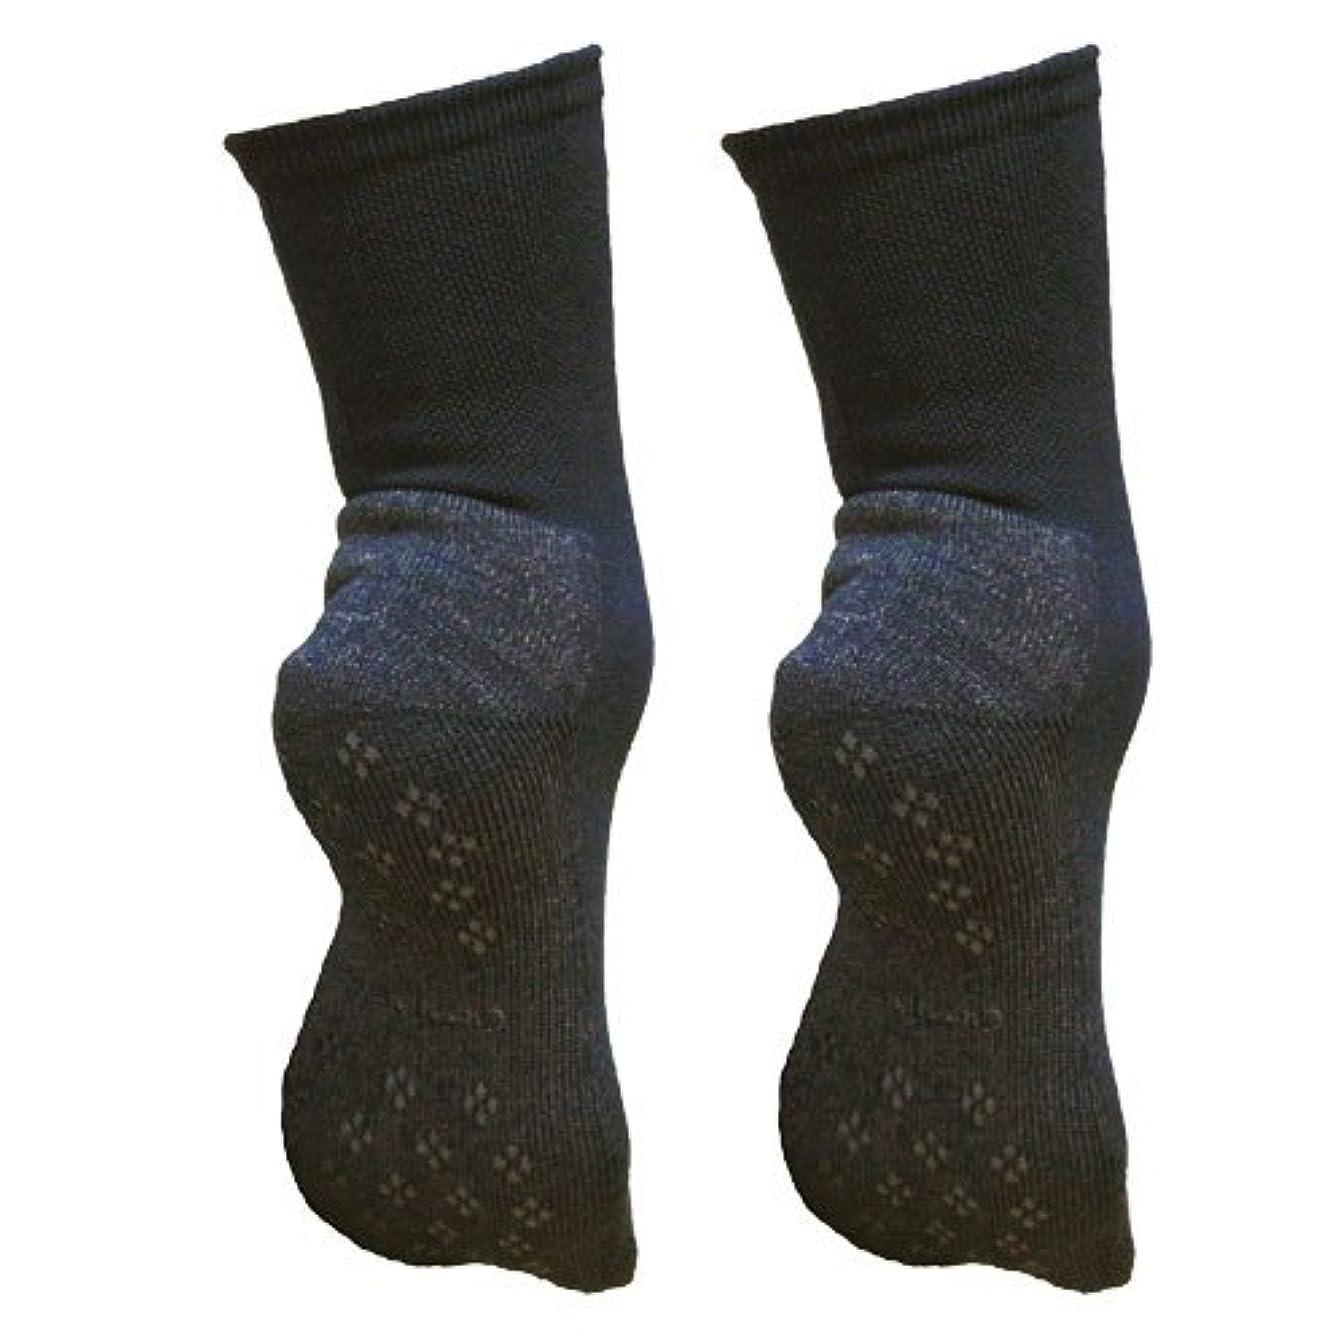 予想外アンソロジーハイランド銅繊維靴下「足もとはいつも青春」パイルタイプ2足セット 靴底のあたたかさ重視